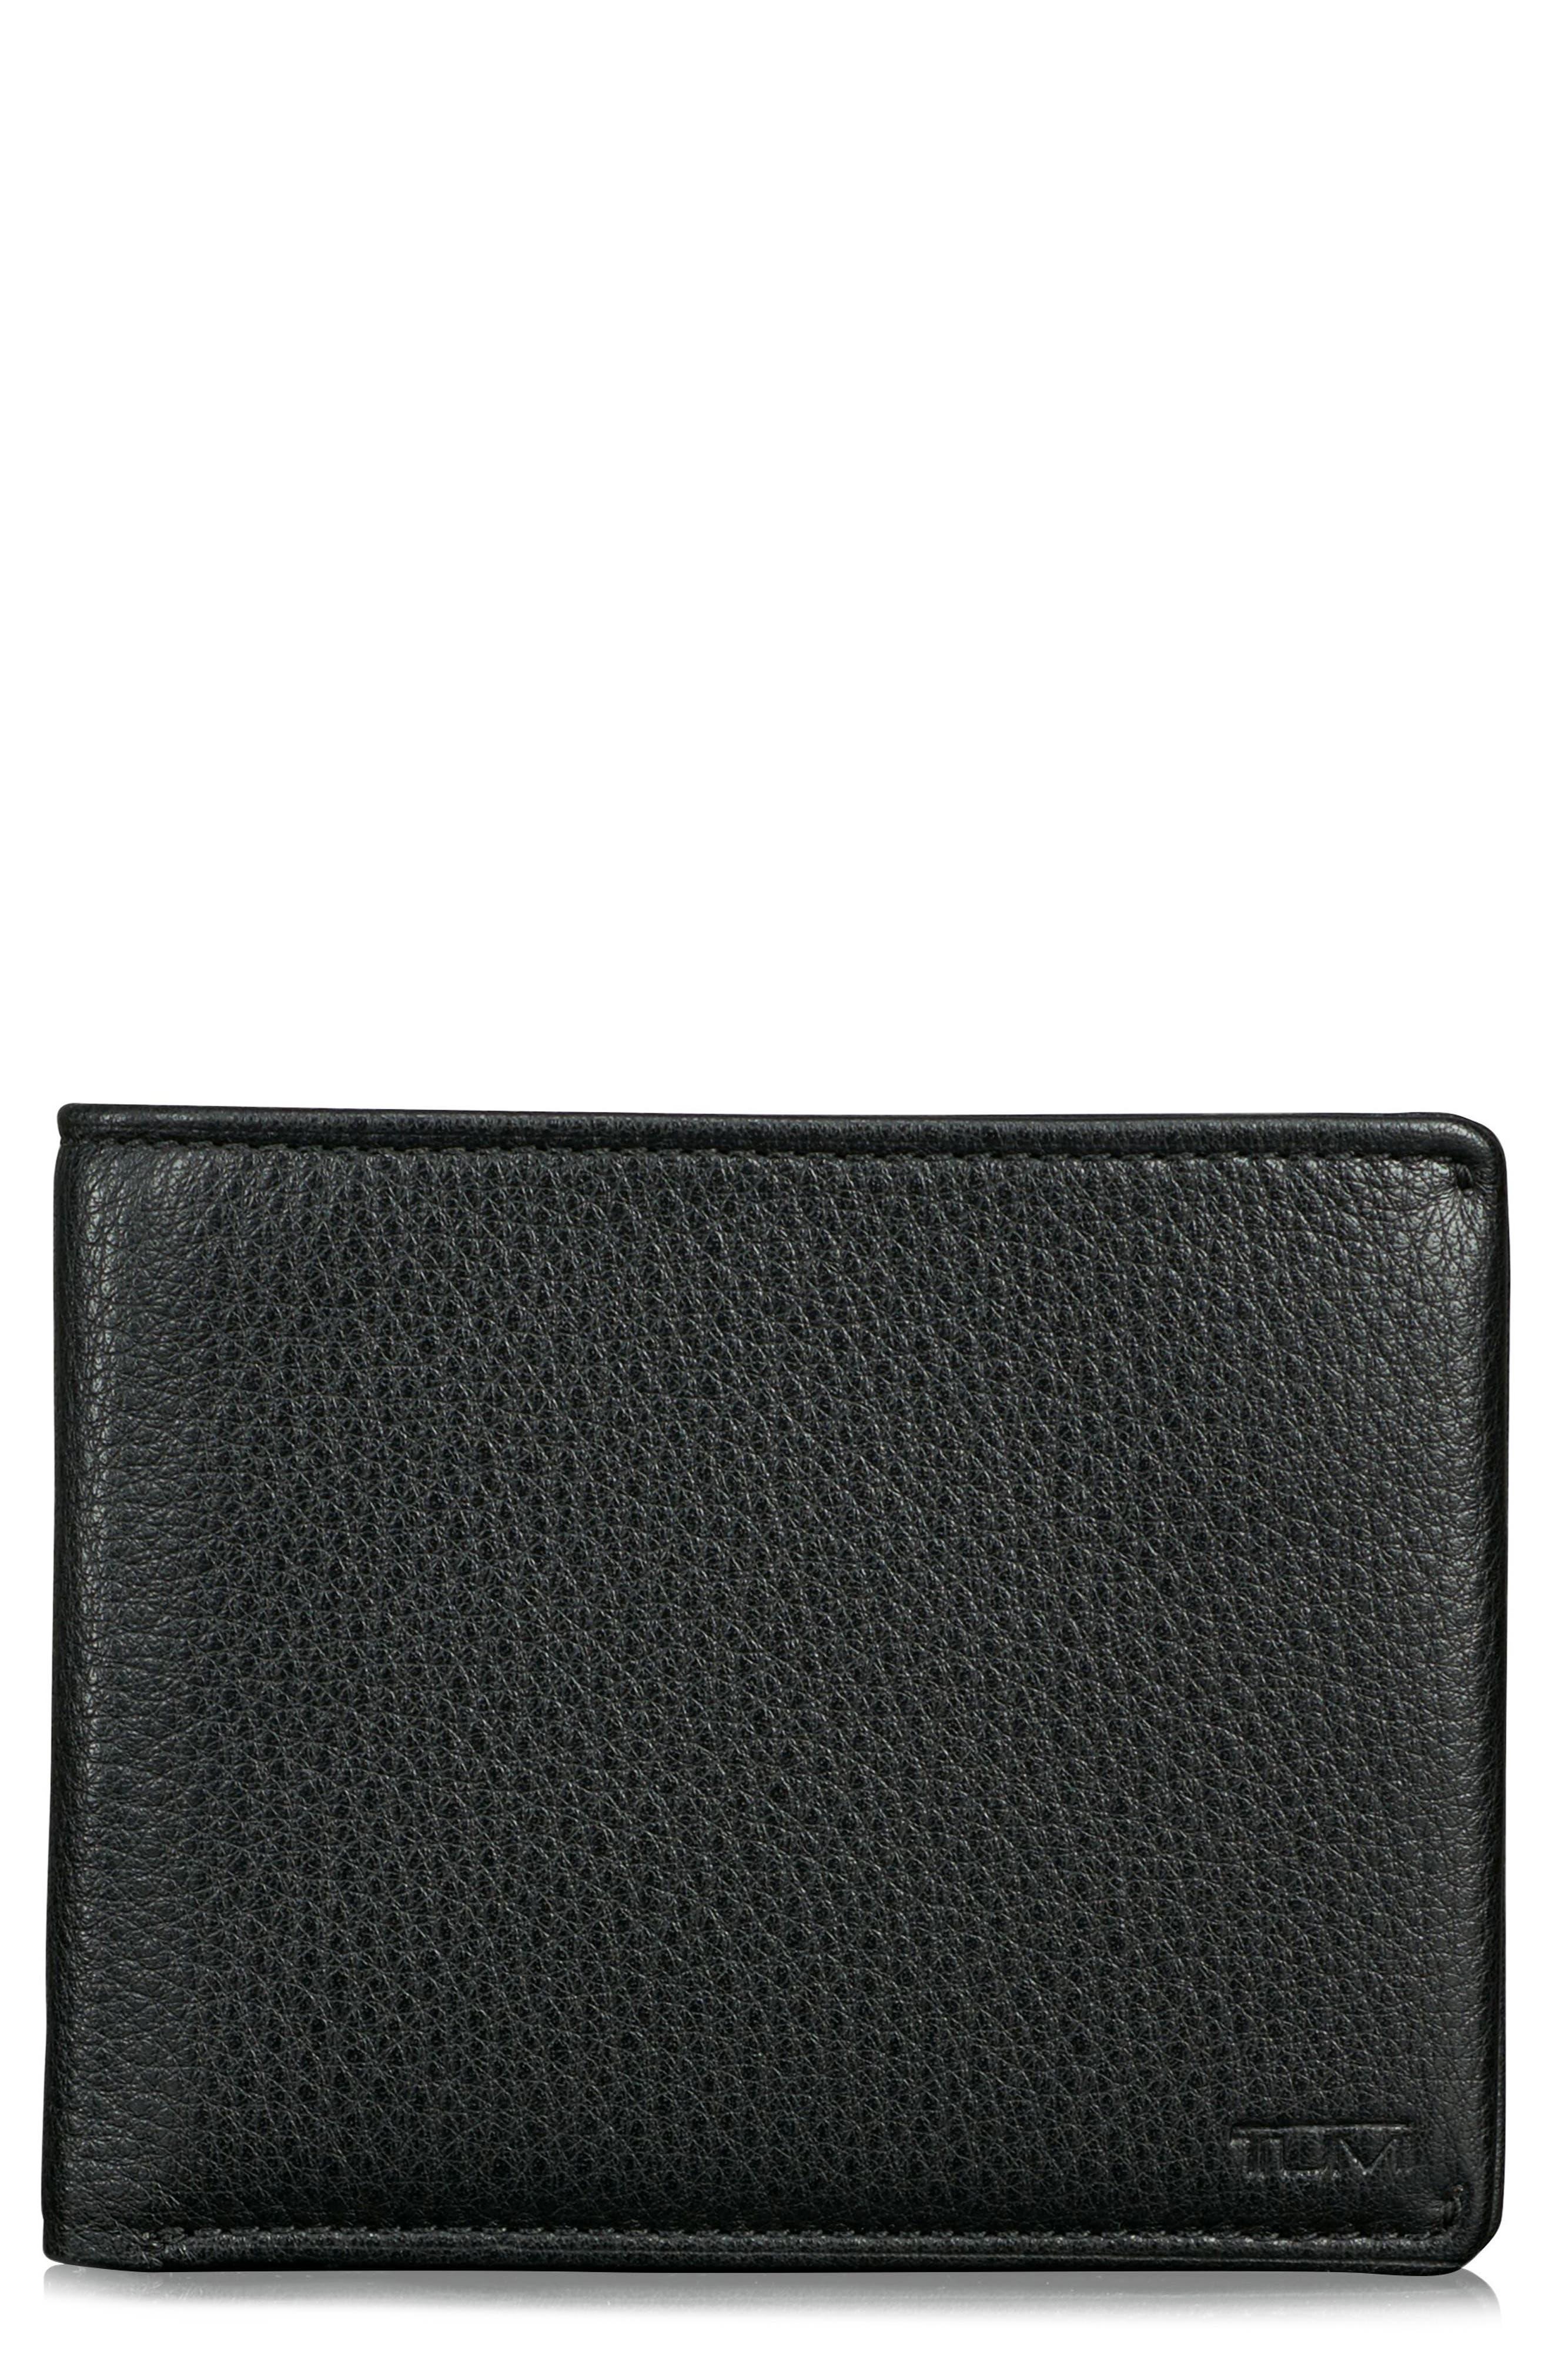 Tumi Global Leather RFID Wallet